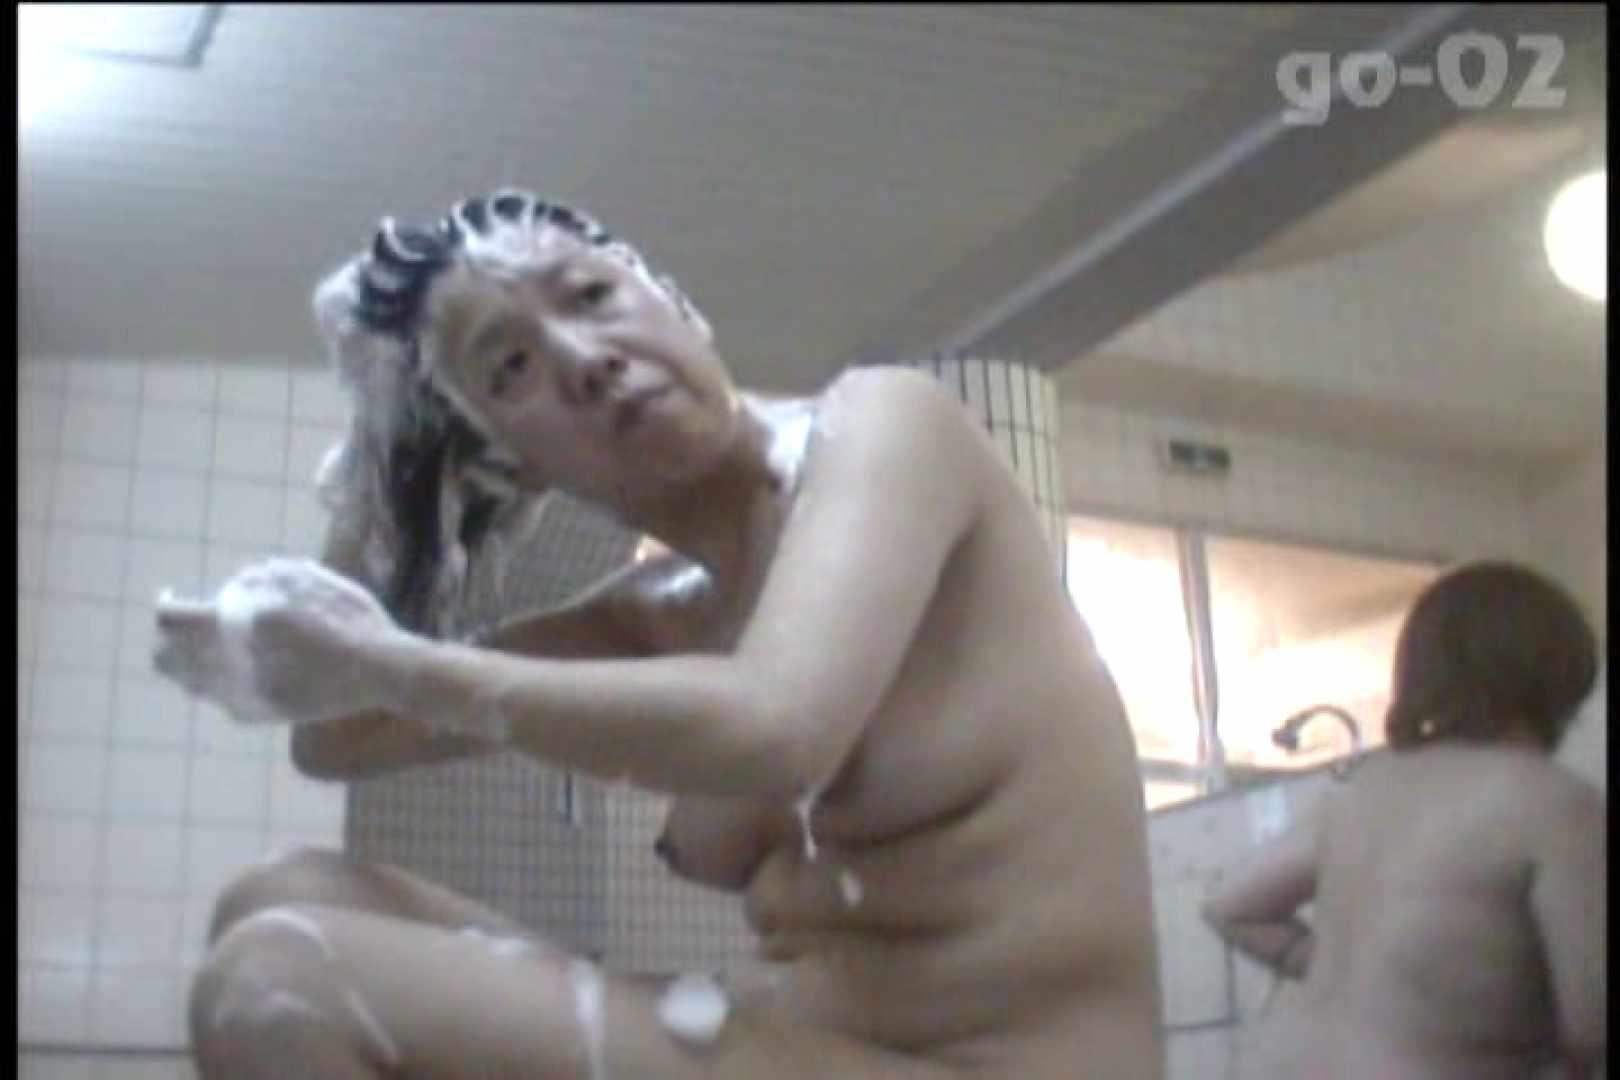 電波カメラ設置浴場からの防HAN映像 Vol.02 OLの実態 | 盗撮  105pic 82